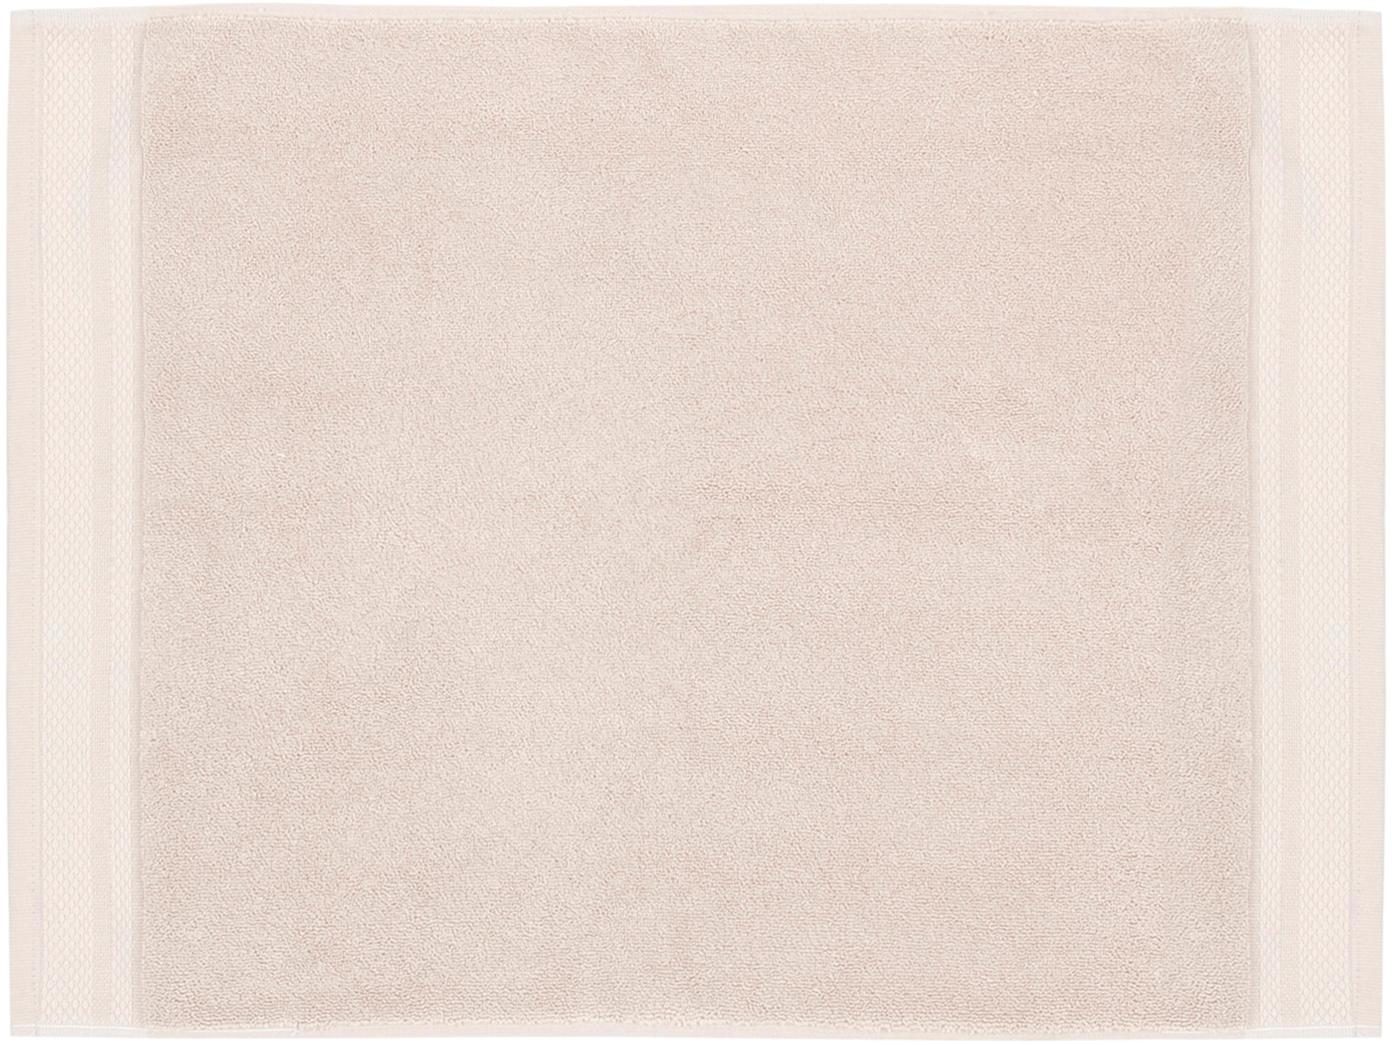 Tappeto bagno antiscivolo Premium, Cotone, qualità pesante 600g/m², Beige, Larg. 50 x Lung. 70 cm